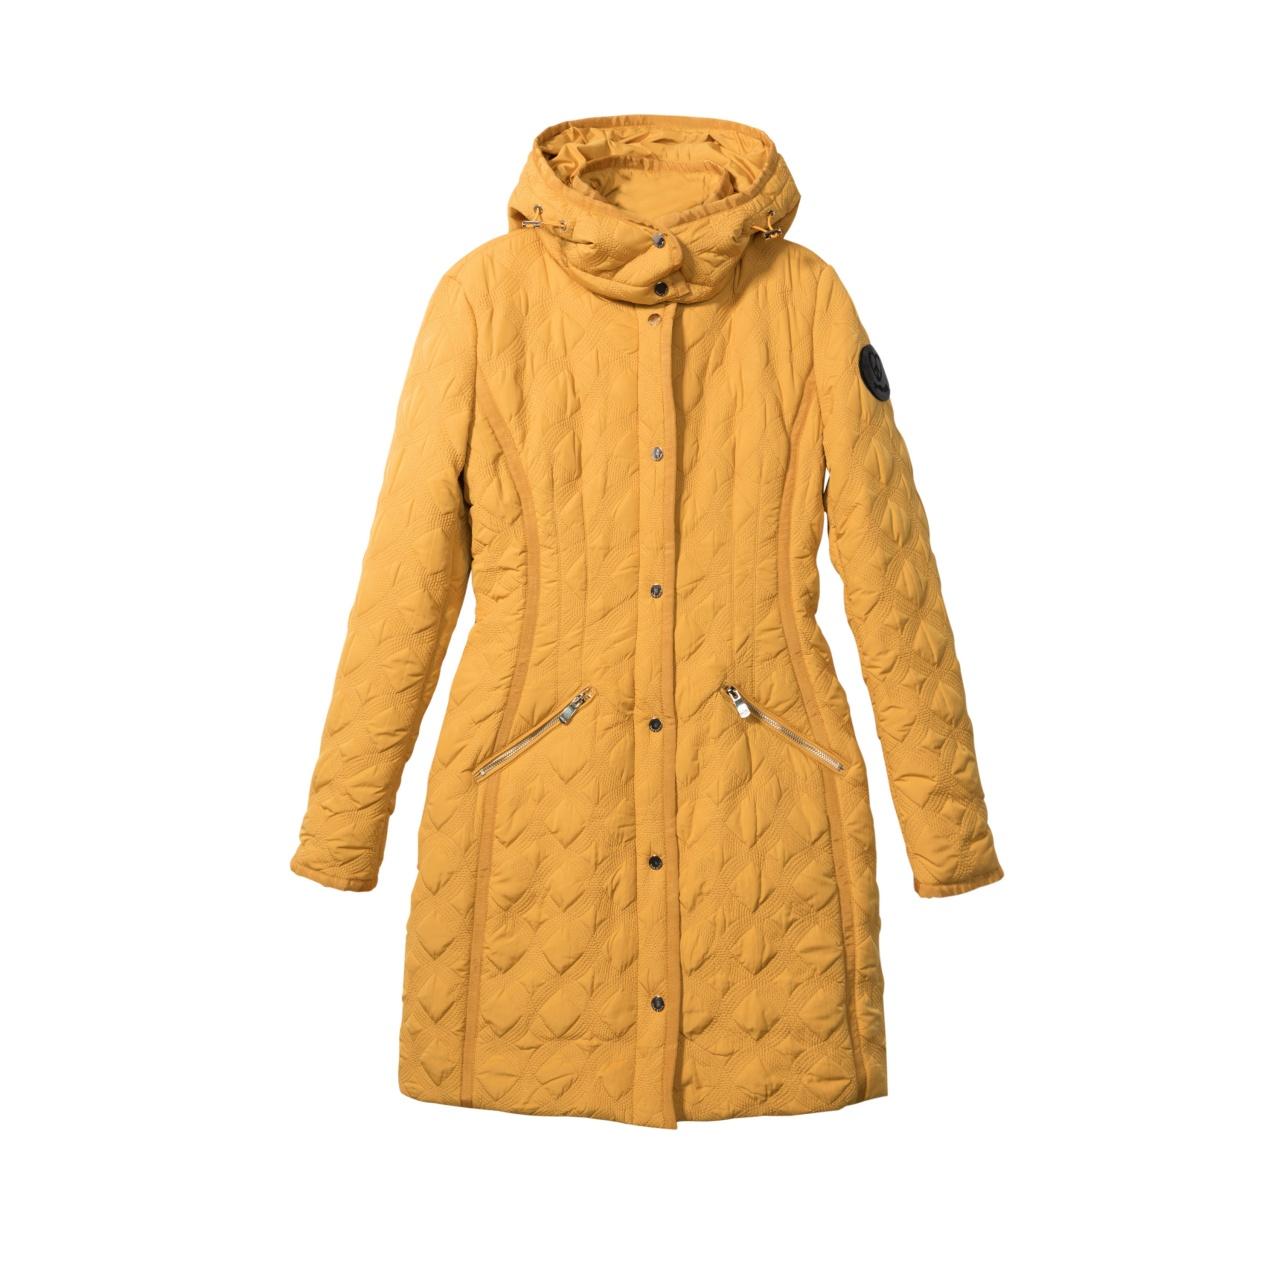 Geacă pentru femei Desigual Padded Leicester galben :: 38